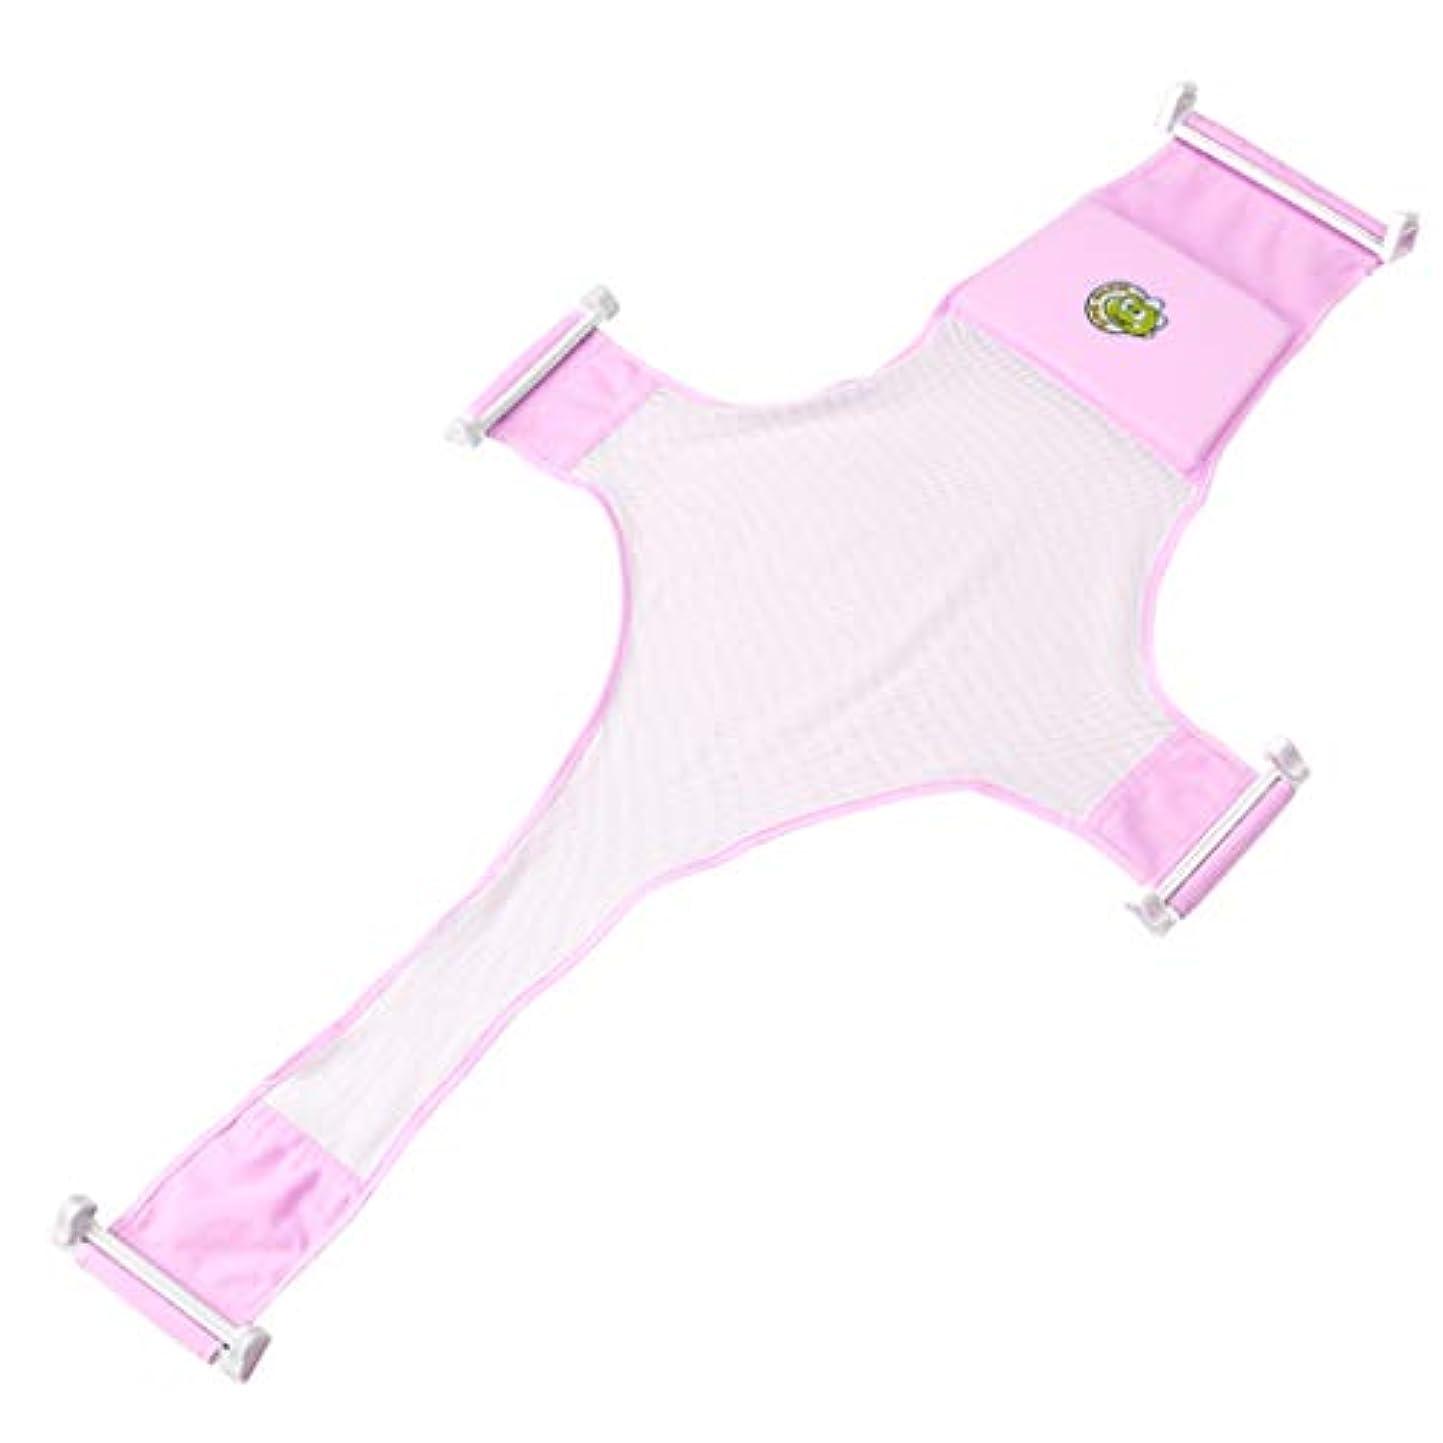 意気揚々上昇製油所Oniorベビー十字架支網 調節可能 座席 支持網 滑り止め 快適 入浴 スタンドサスペンダー ハンモック 柔らかい ピンク